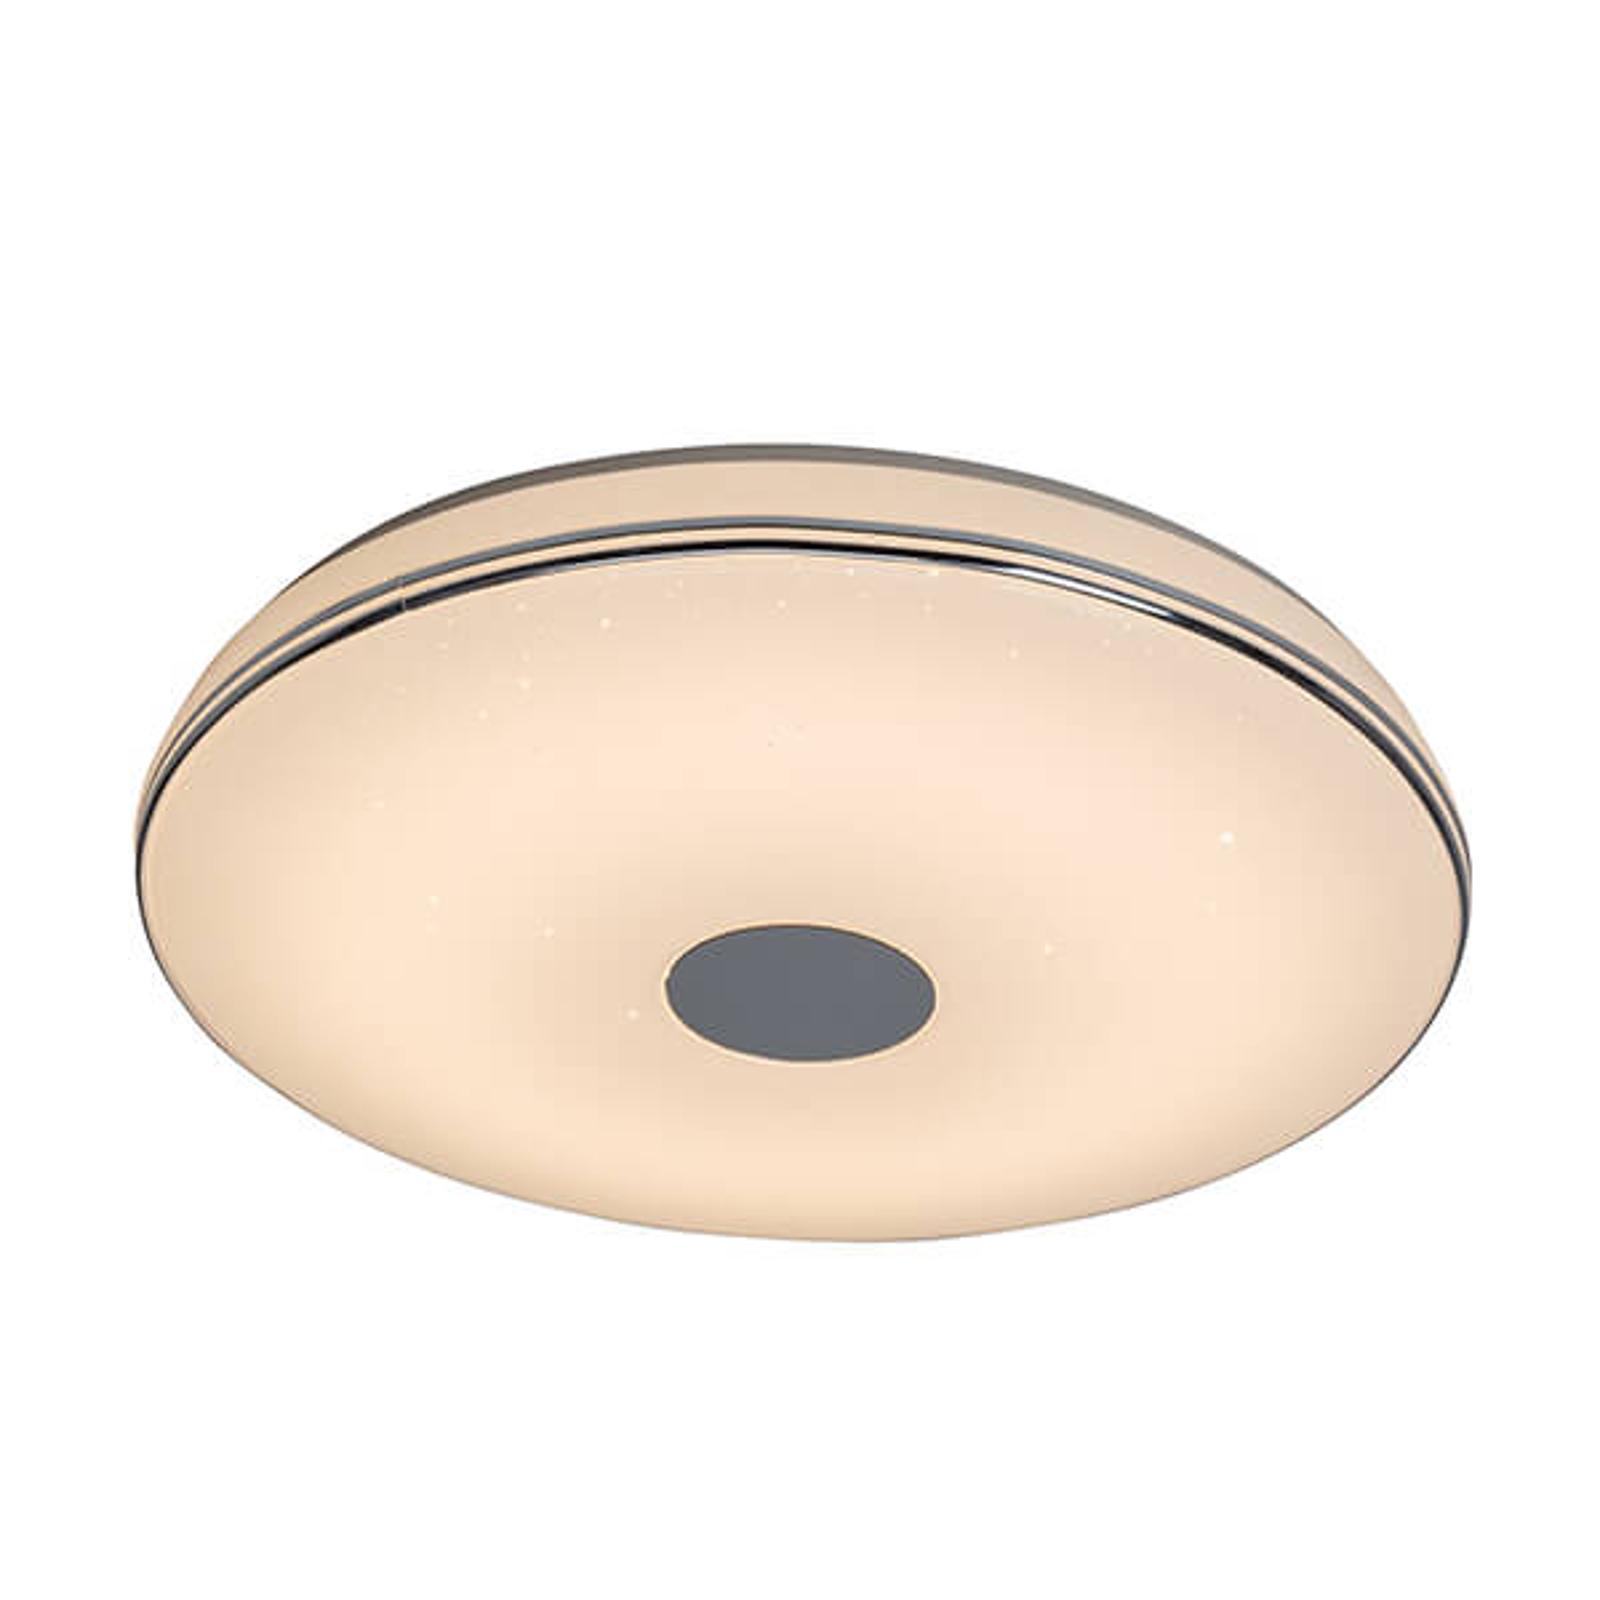 Plafón LED Mono Deco regulable, mando a distancia